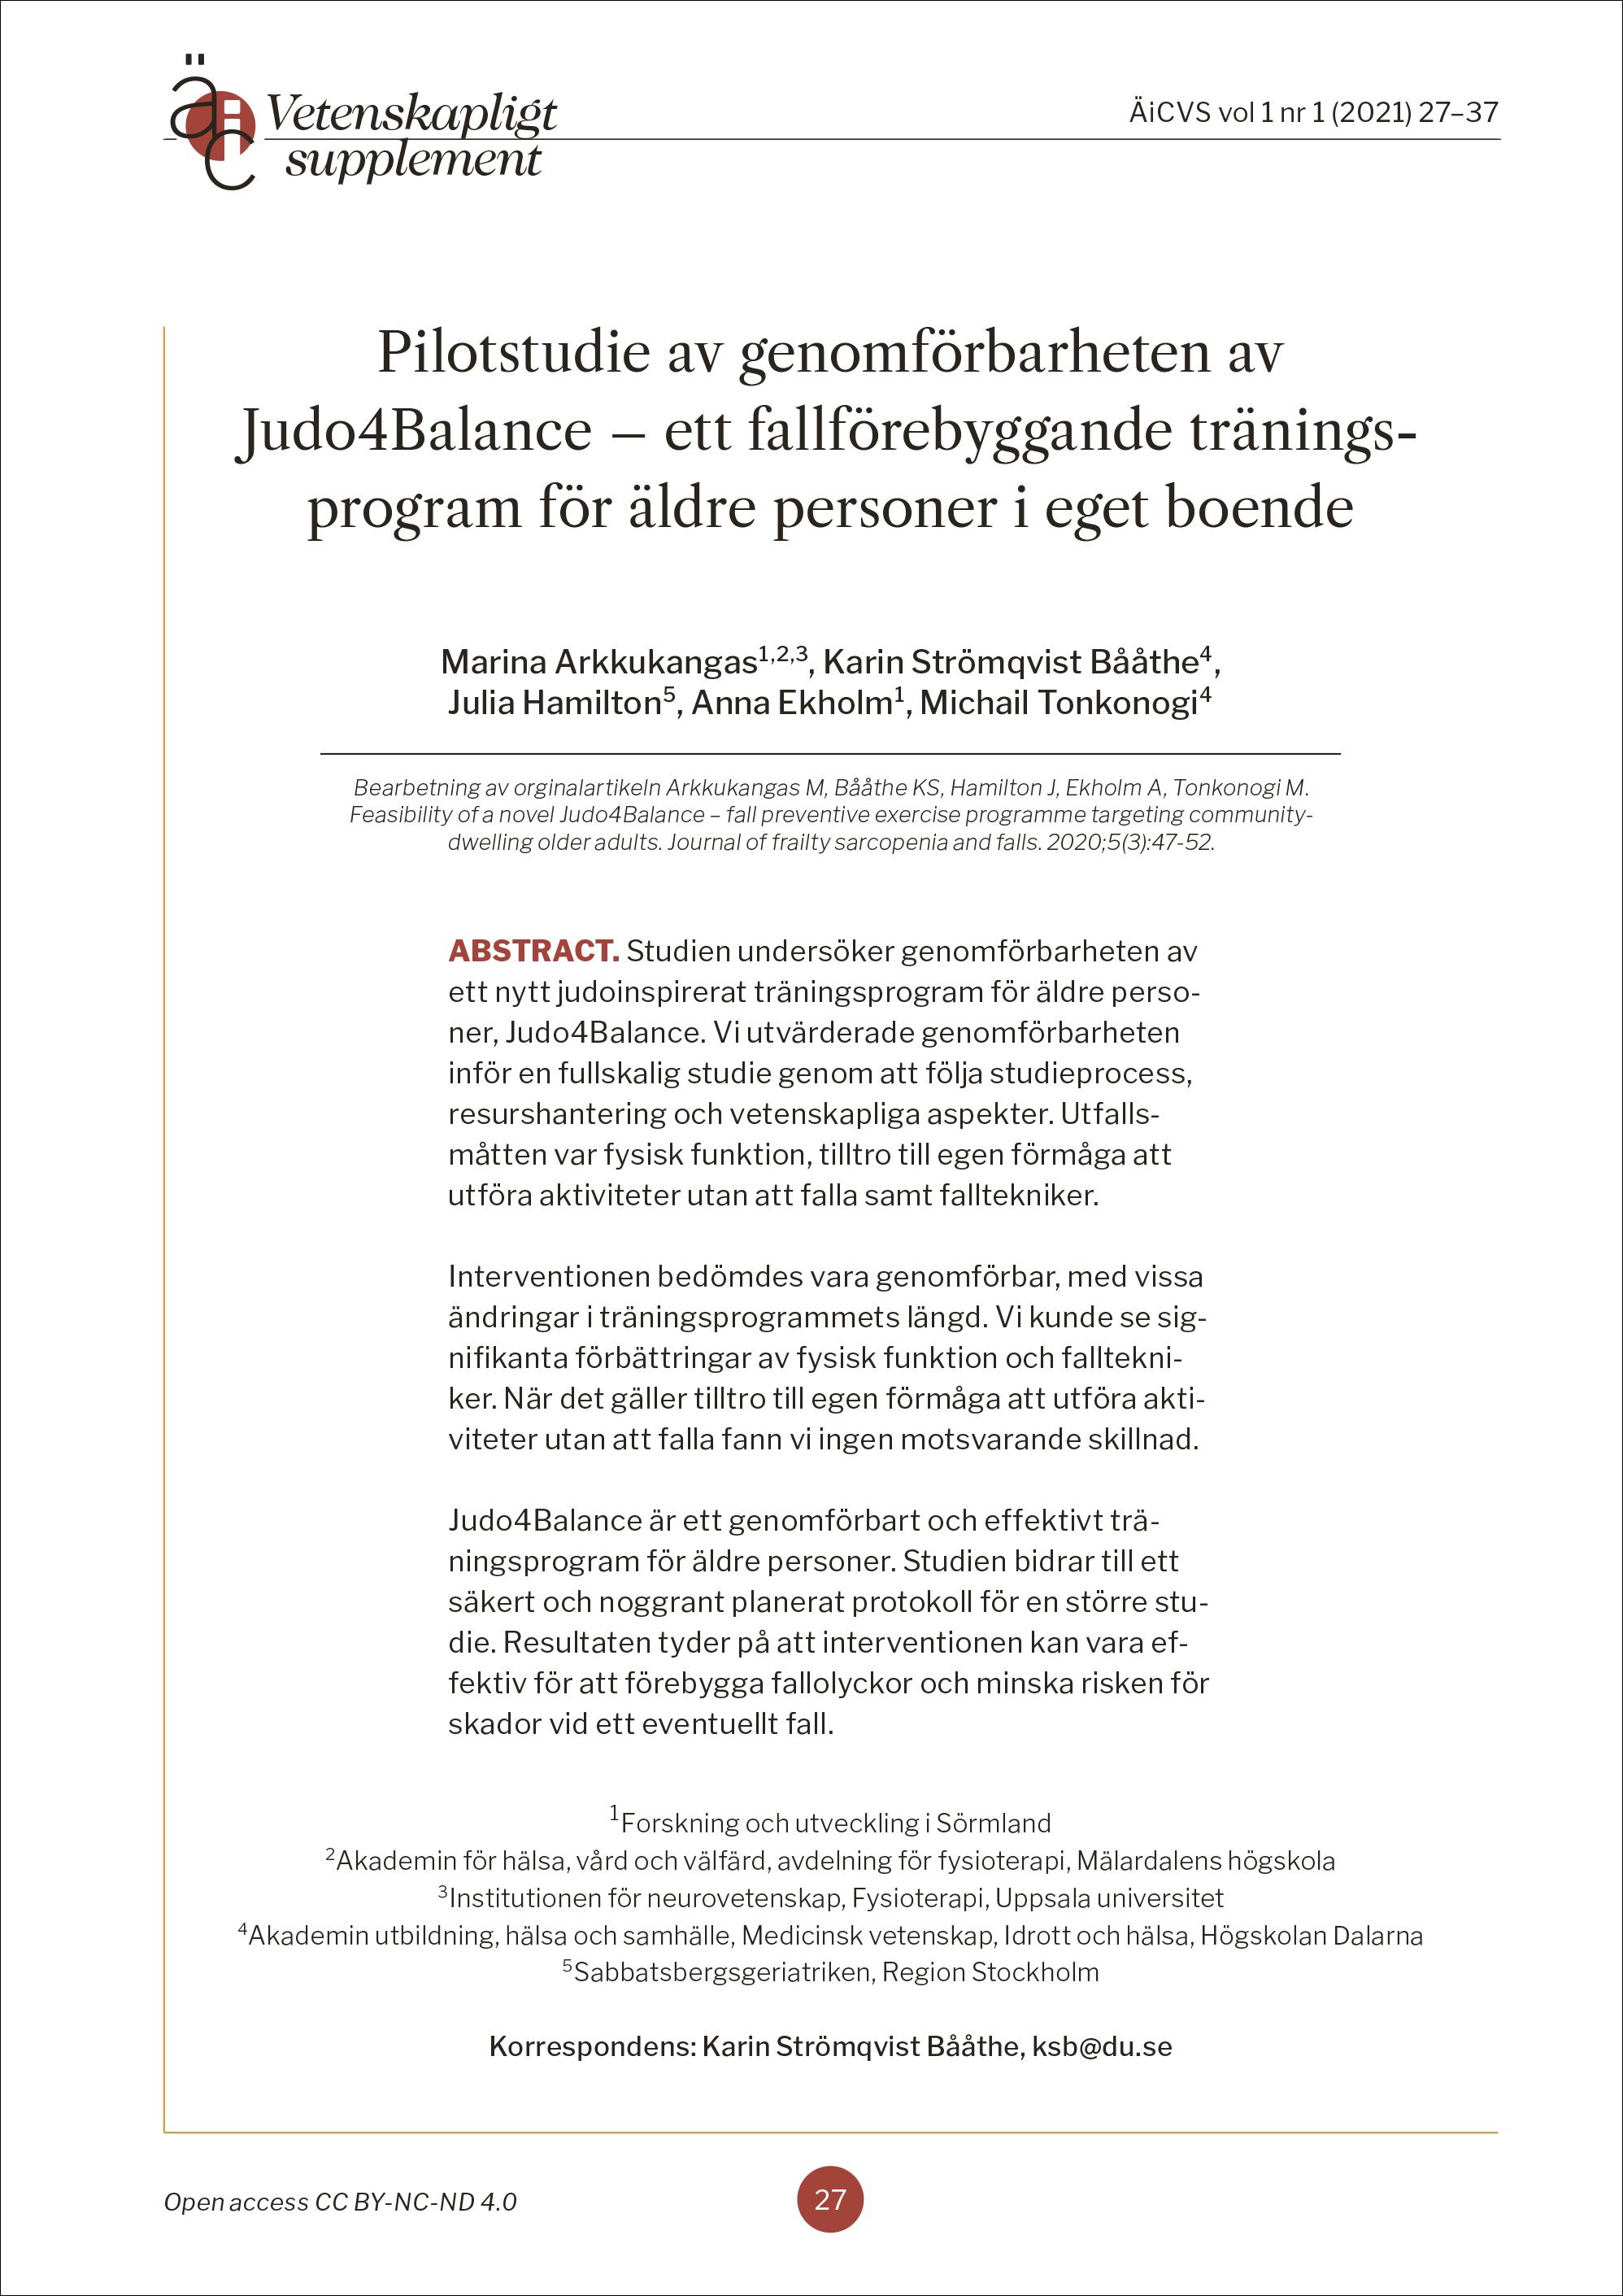 Titelsida för artikel Arkkukangas m fl